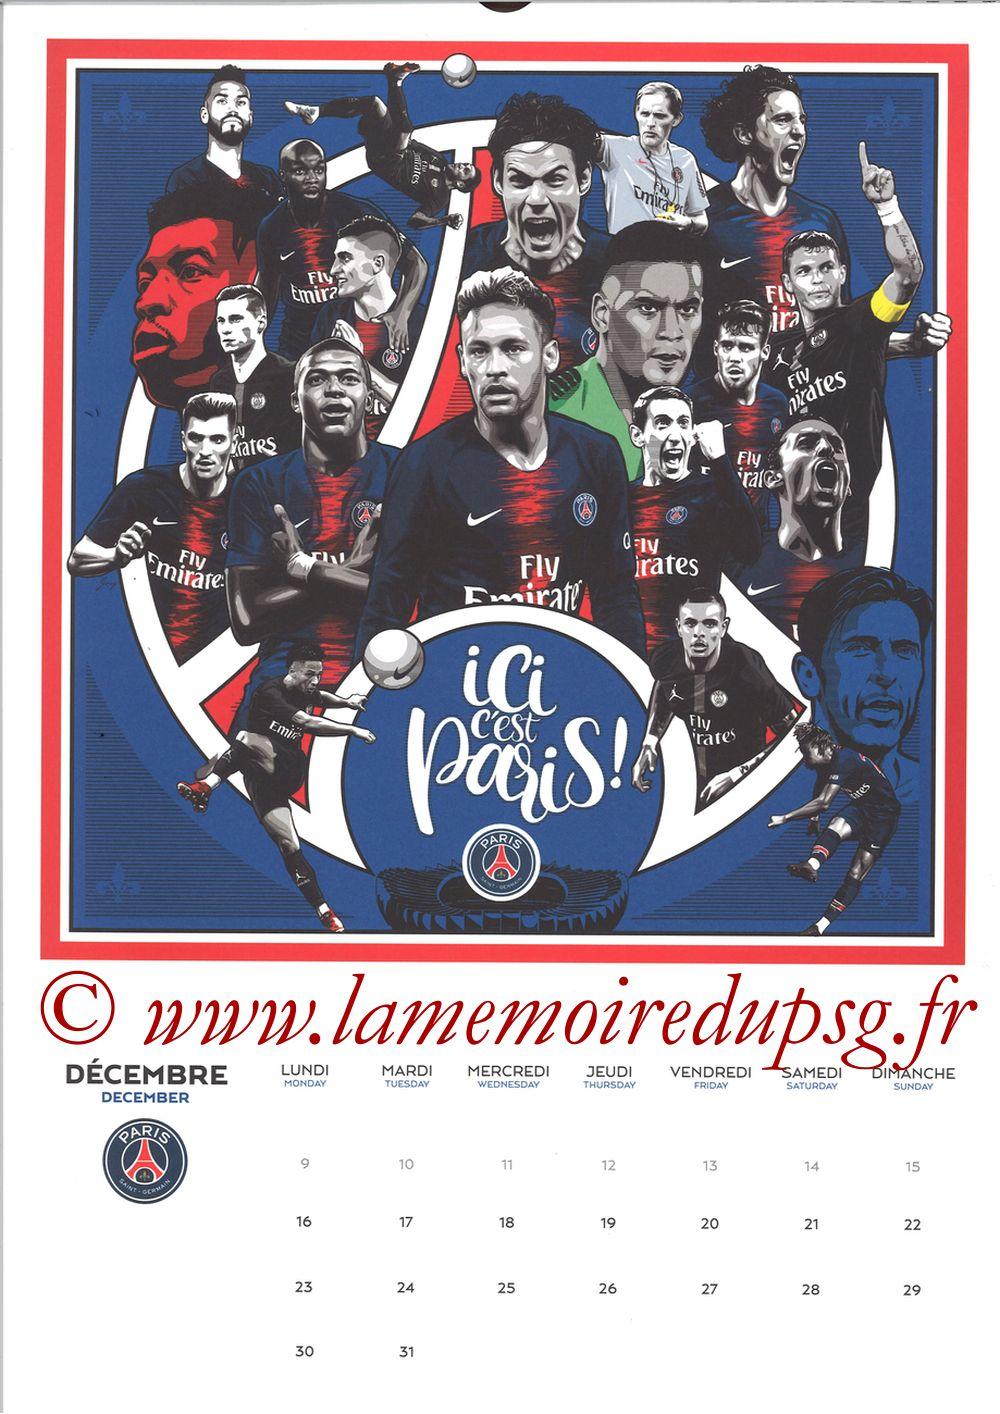 Calendrier PSG 2019 - Page 24 - ICI C'EST PARIS